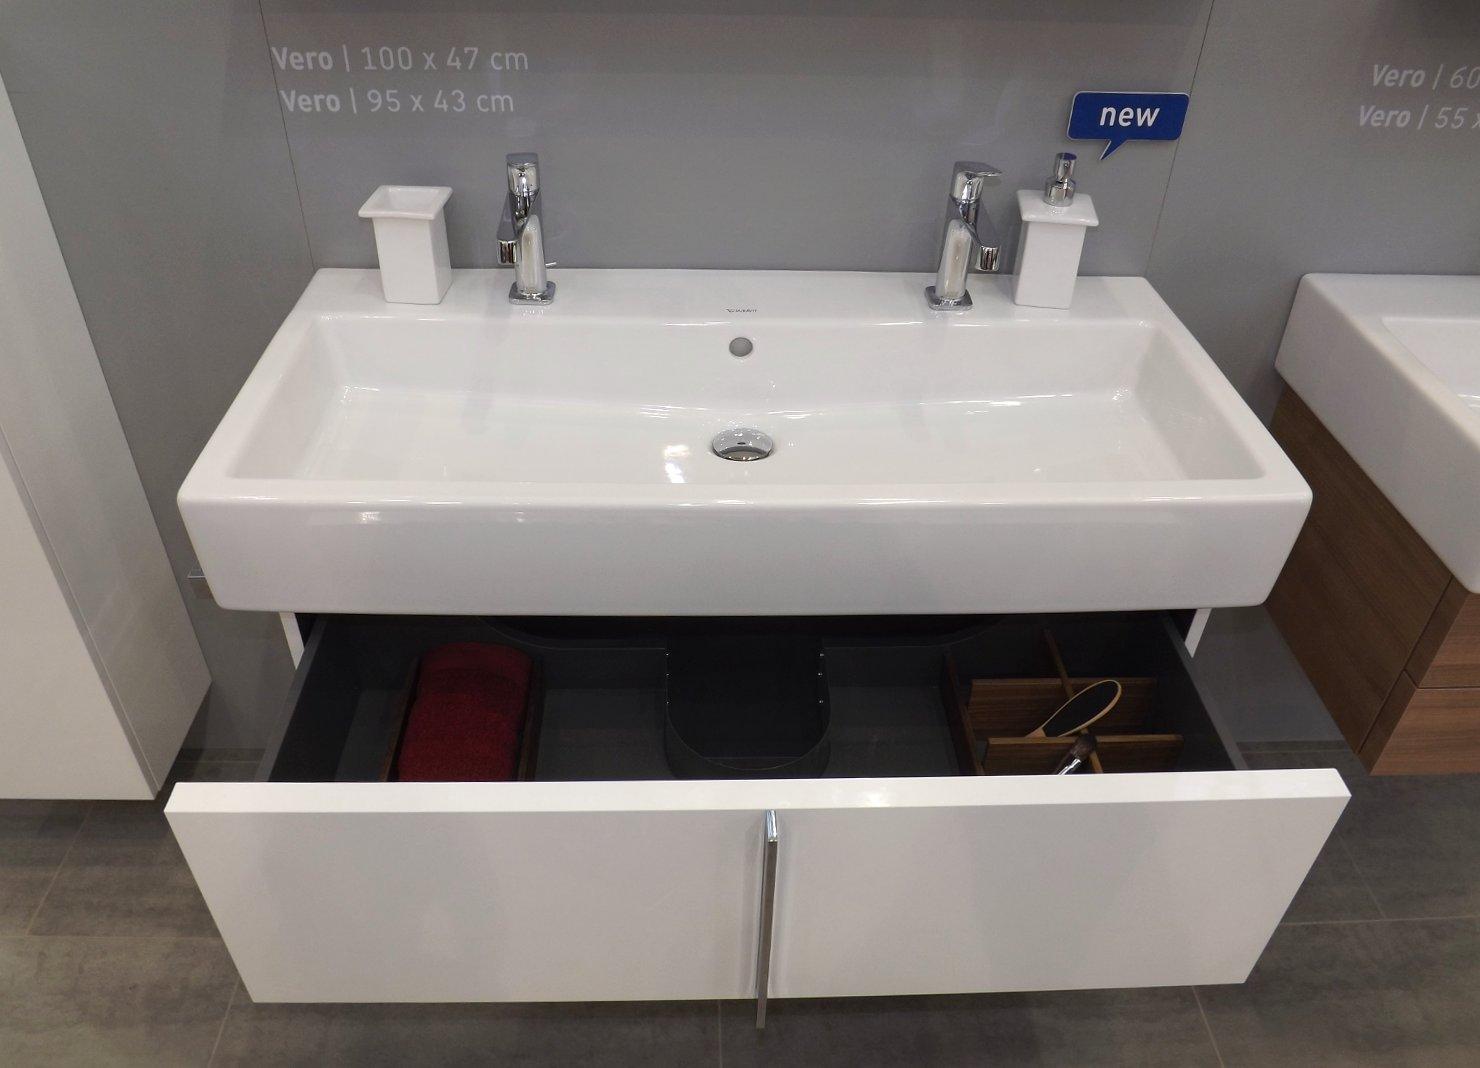 Модные тренды сантехники и аксессуаров для ванной 2016: раковина на два смесителя с тумбой на экспозиции от Duravit во время выставки MosBuild